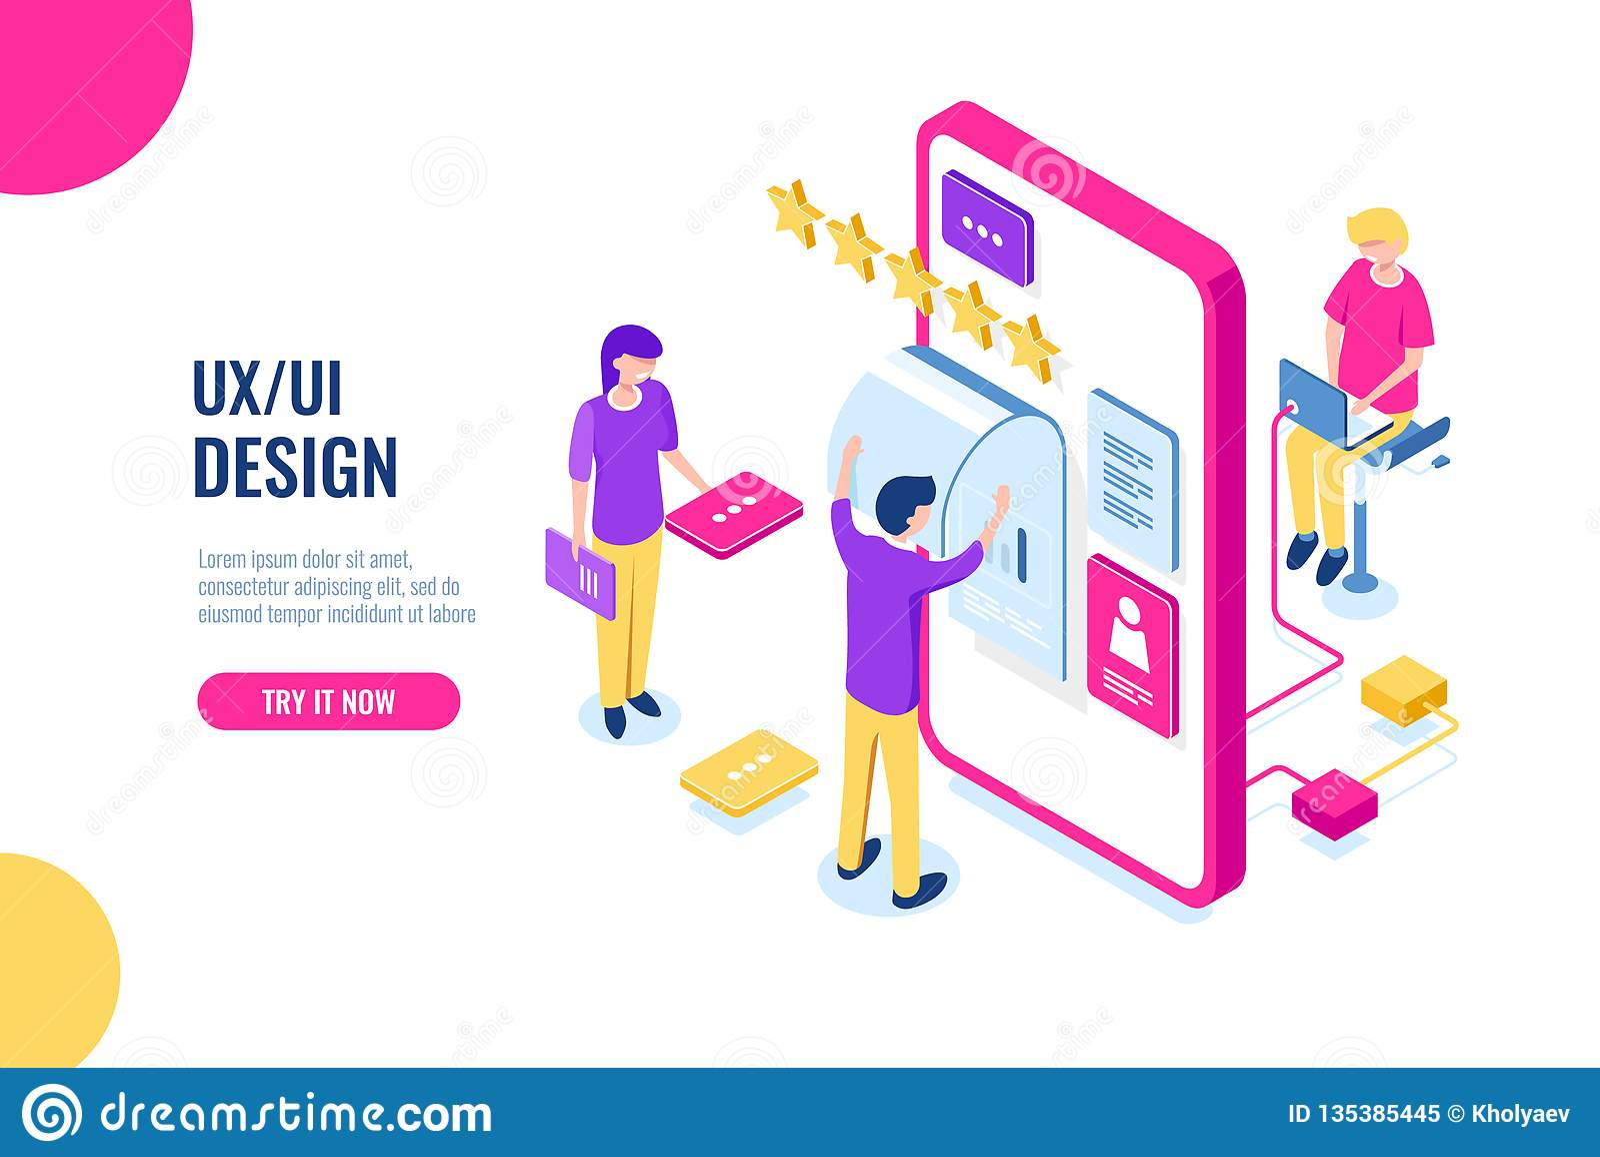 El diseño de UX UI, uso móvil del desarrollo, edificio de la interfaz de usuario, pantalla del teléfono móvil, gente trabaja y ay